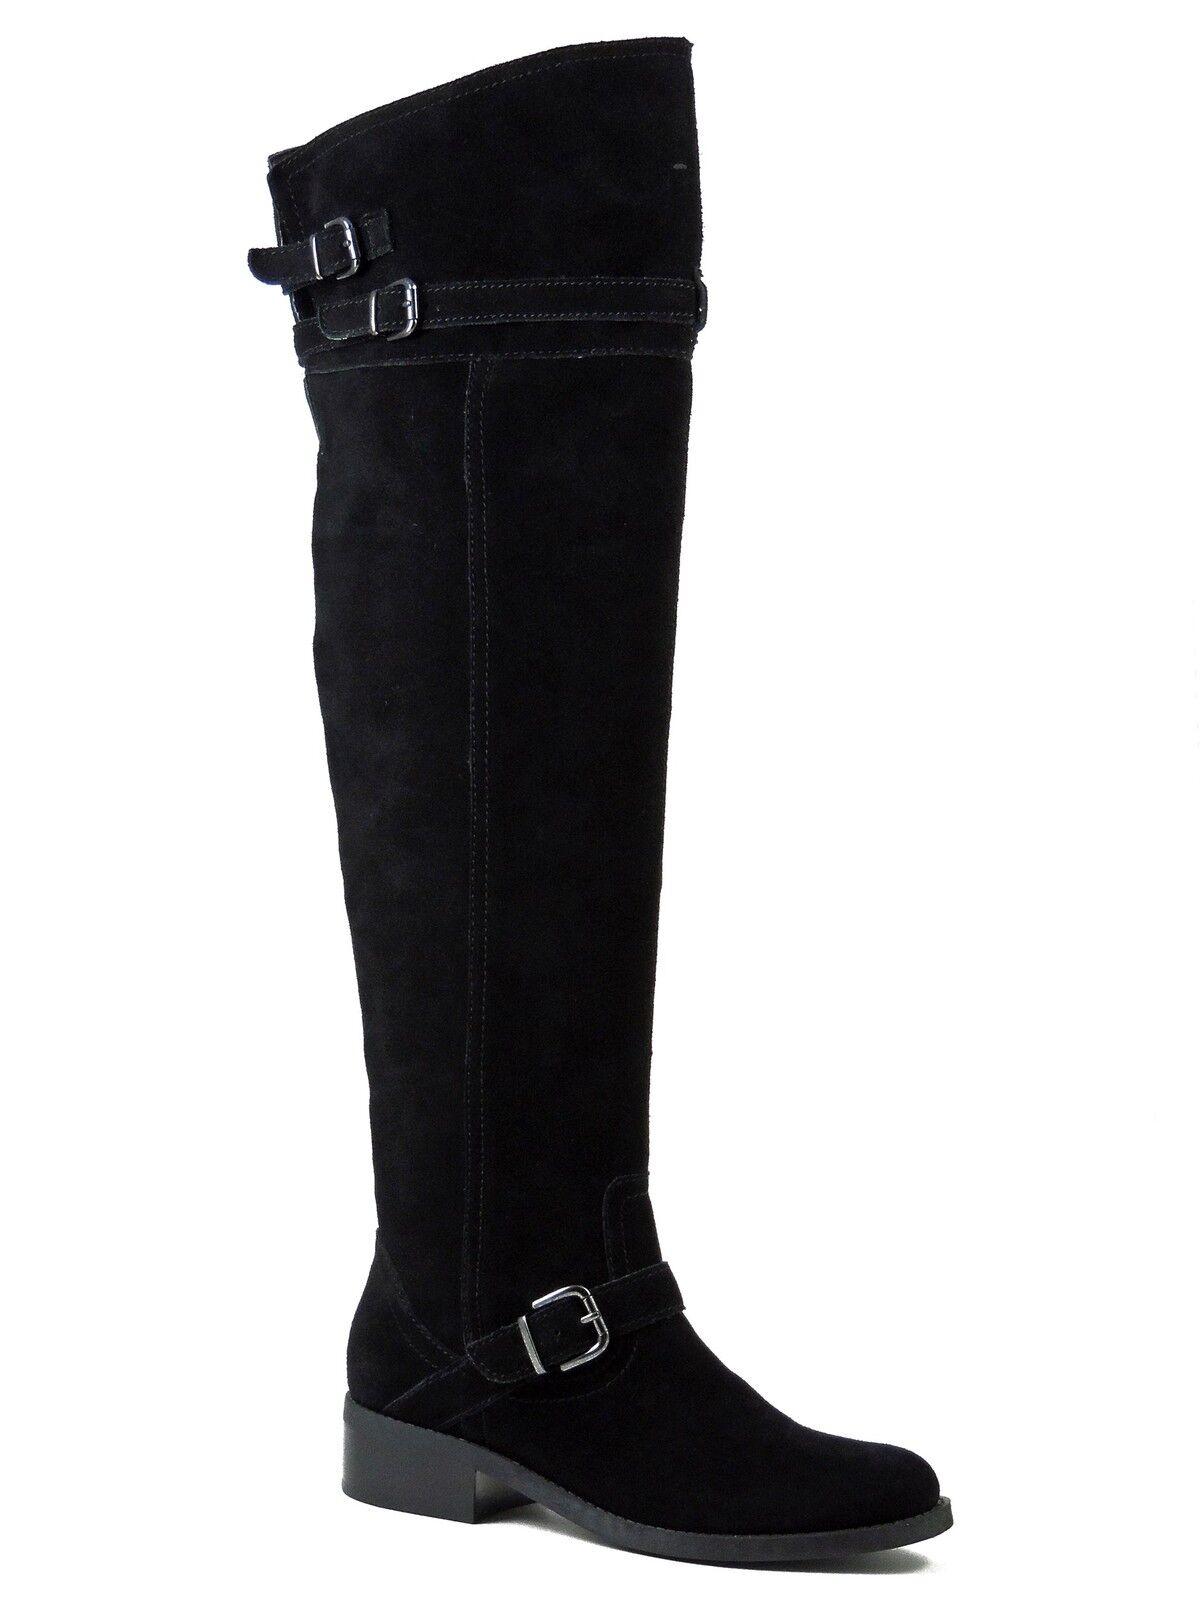 Marc Fisher para mujer elmm elmm elmm la rodilla botas altas Negro Mediano Natural Gamuza Talla 6.5 M  disfruta ahorrando 30-50% de descuento